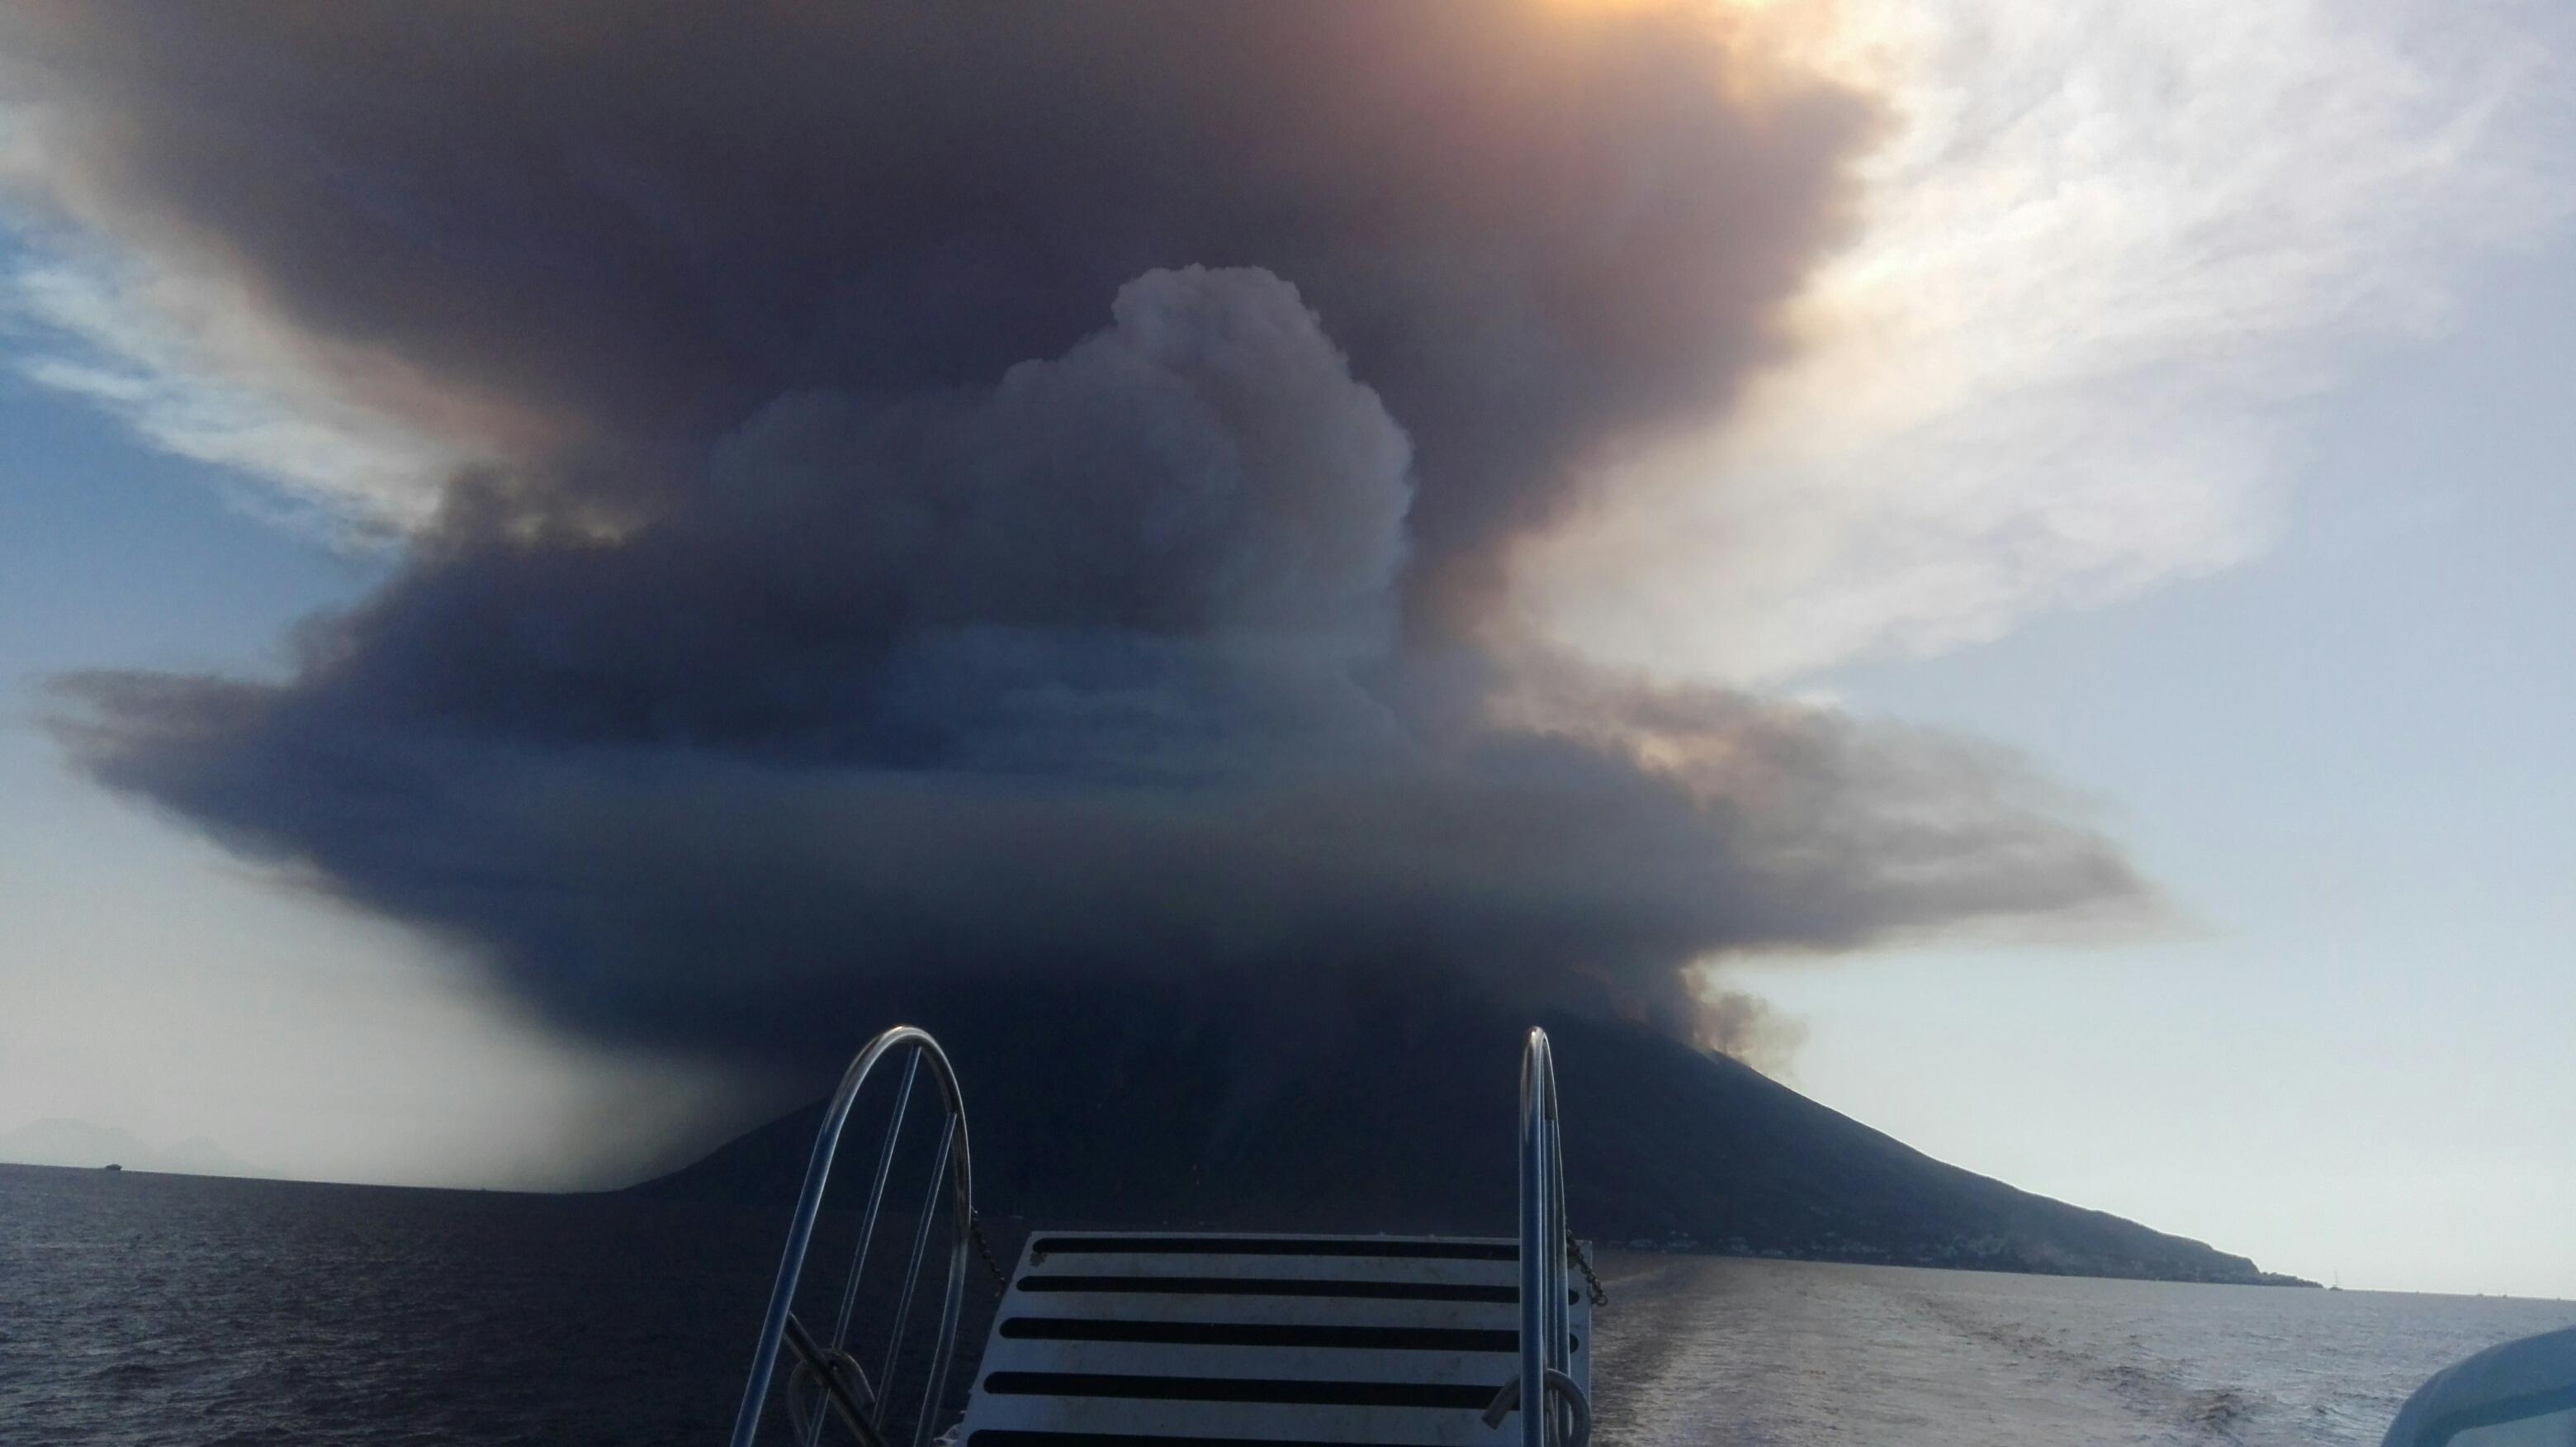 Eruzione dello Stromboli, colonna di fumo alta centinaia di metriLe immagini riprese da un'imbarcazione in minicrociera